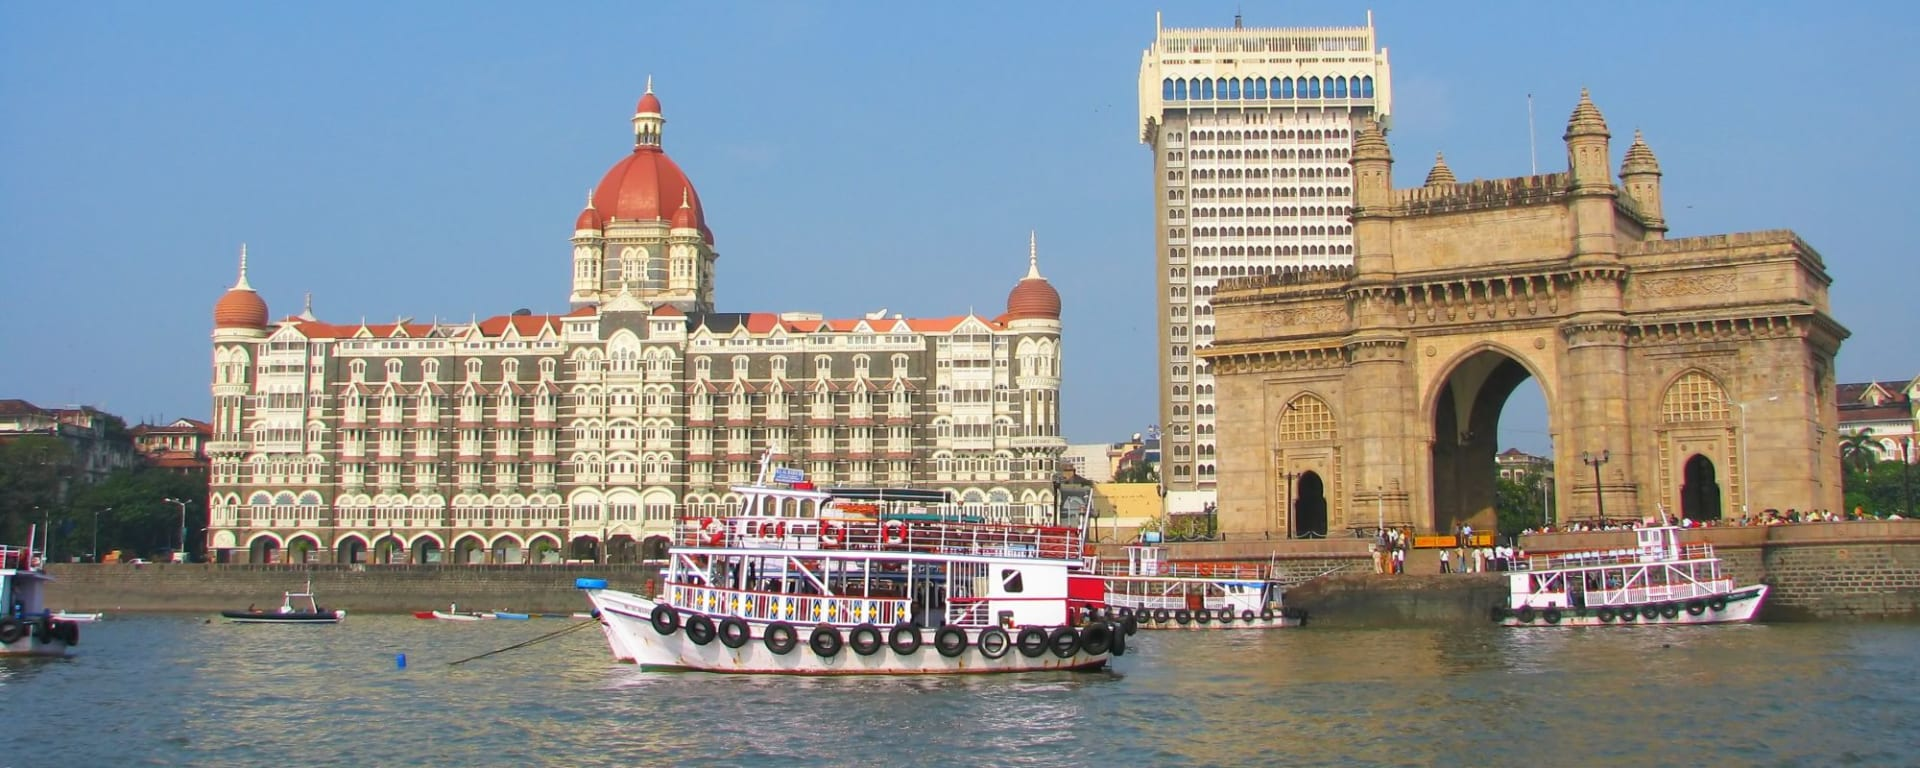 Stadttour Mumbai: Gate of India and Taj Mahal Palace